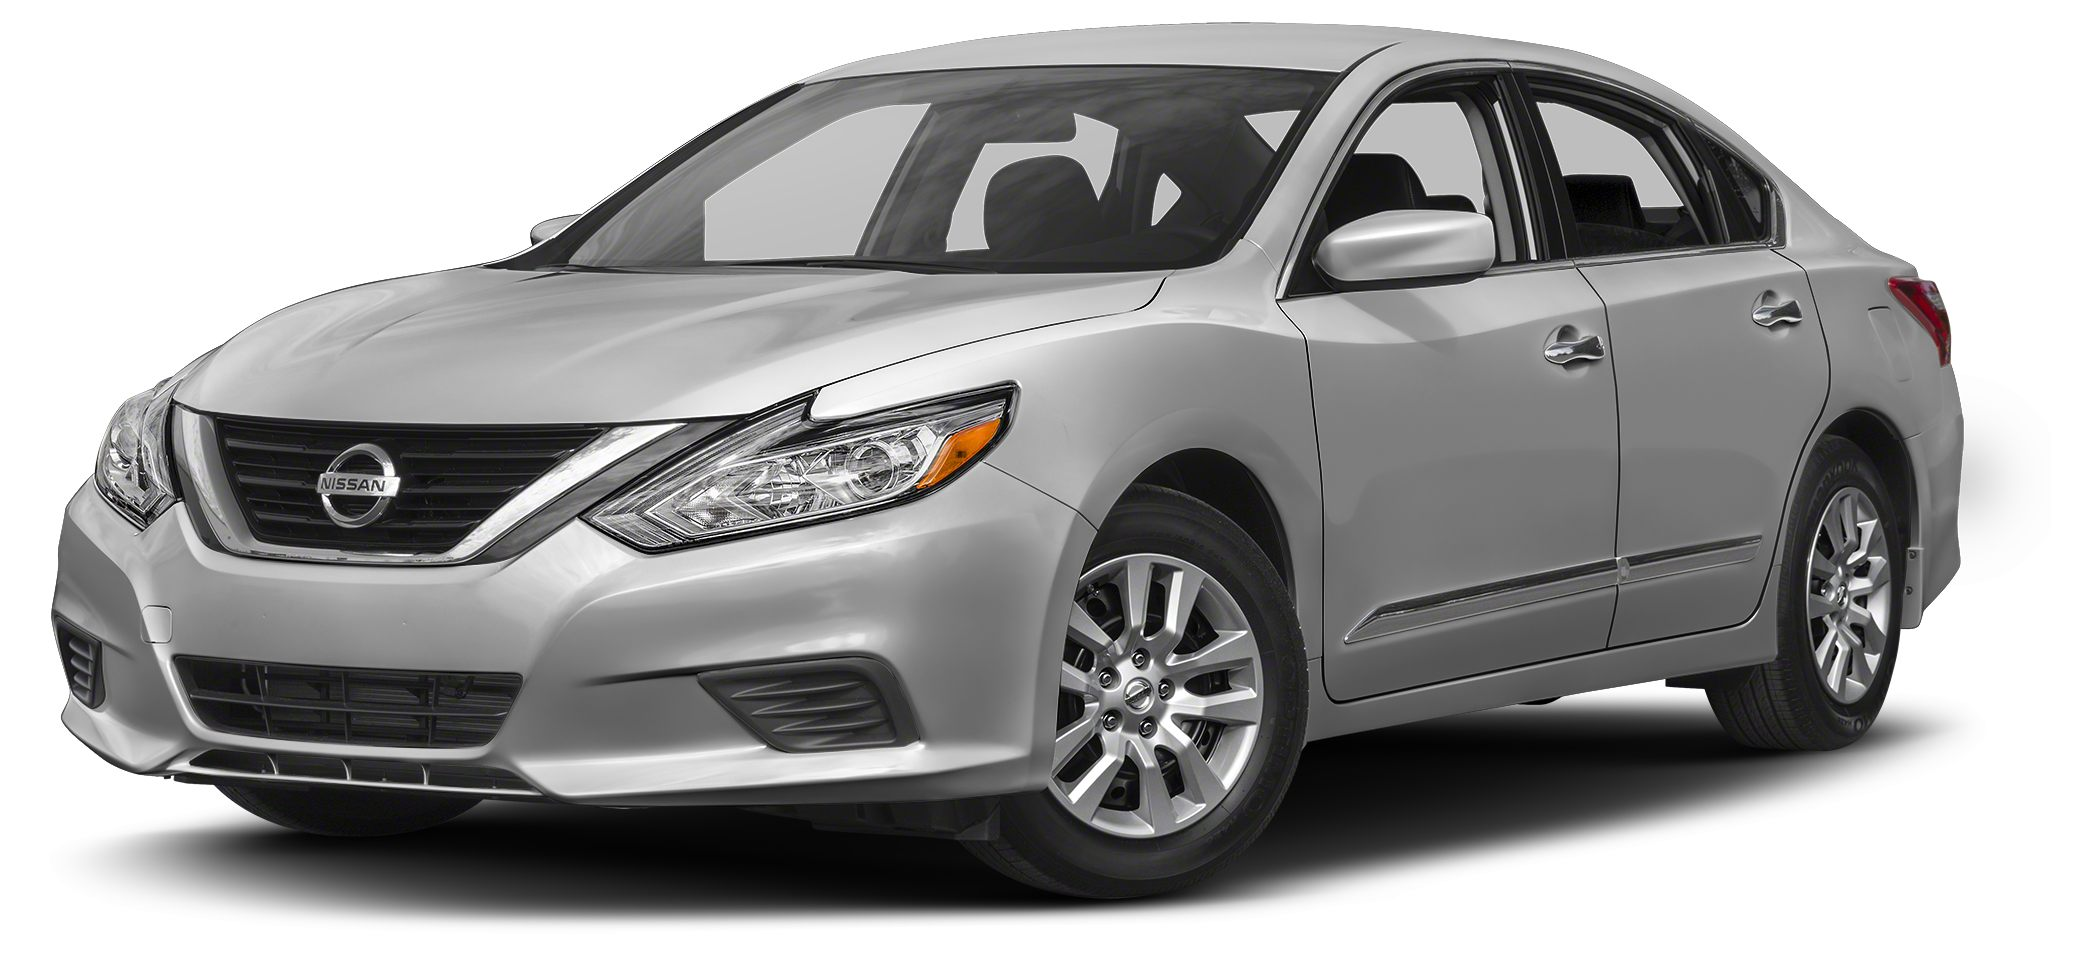 2017 Nissan Altima 25 S Miles 6Color Brilliant Silver Stock 17AL62 VIN 1N4AL3AP3HN310852